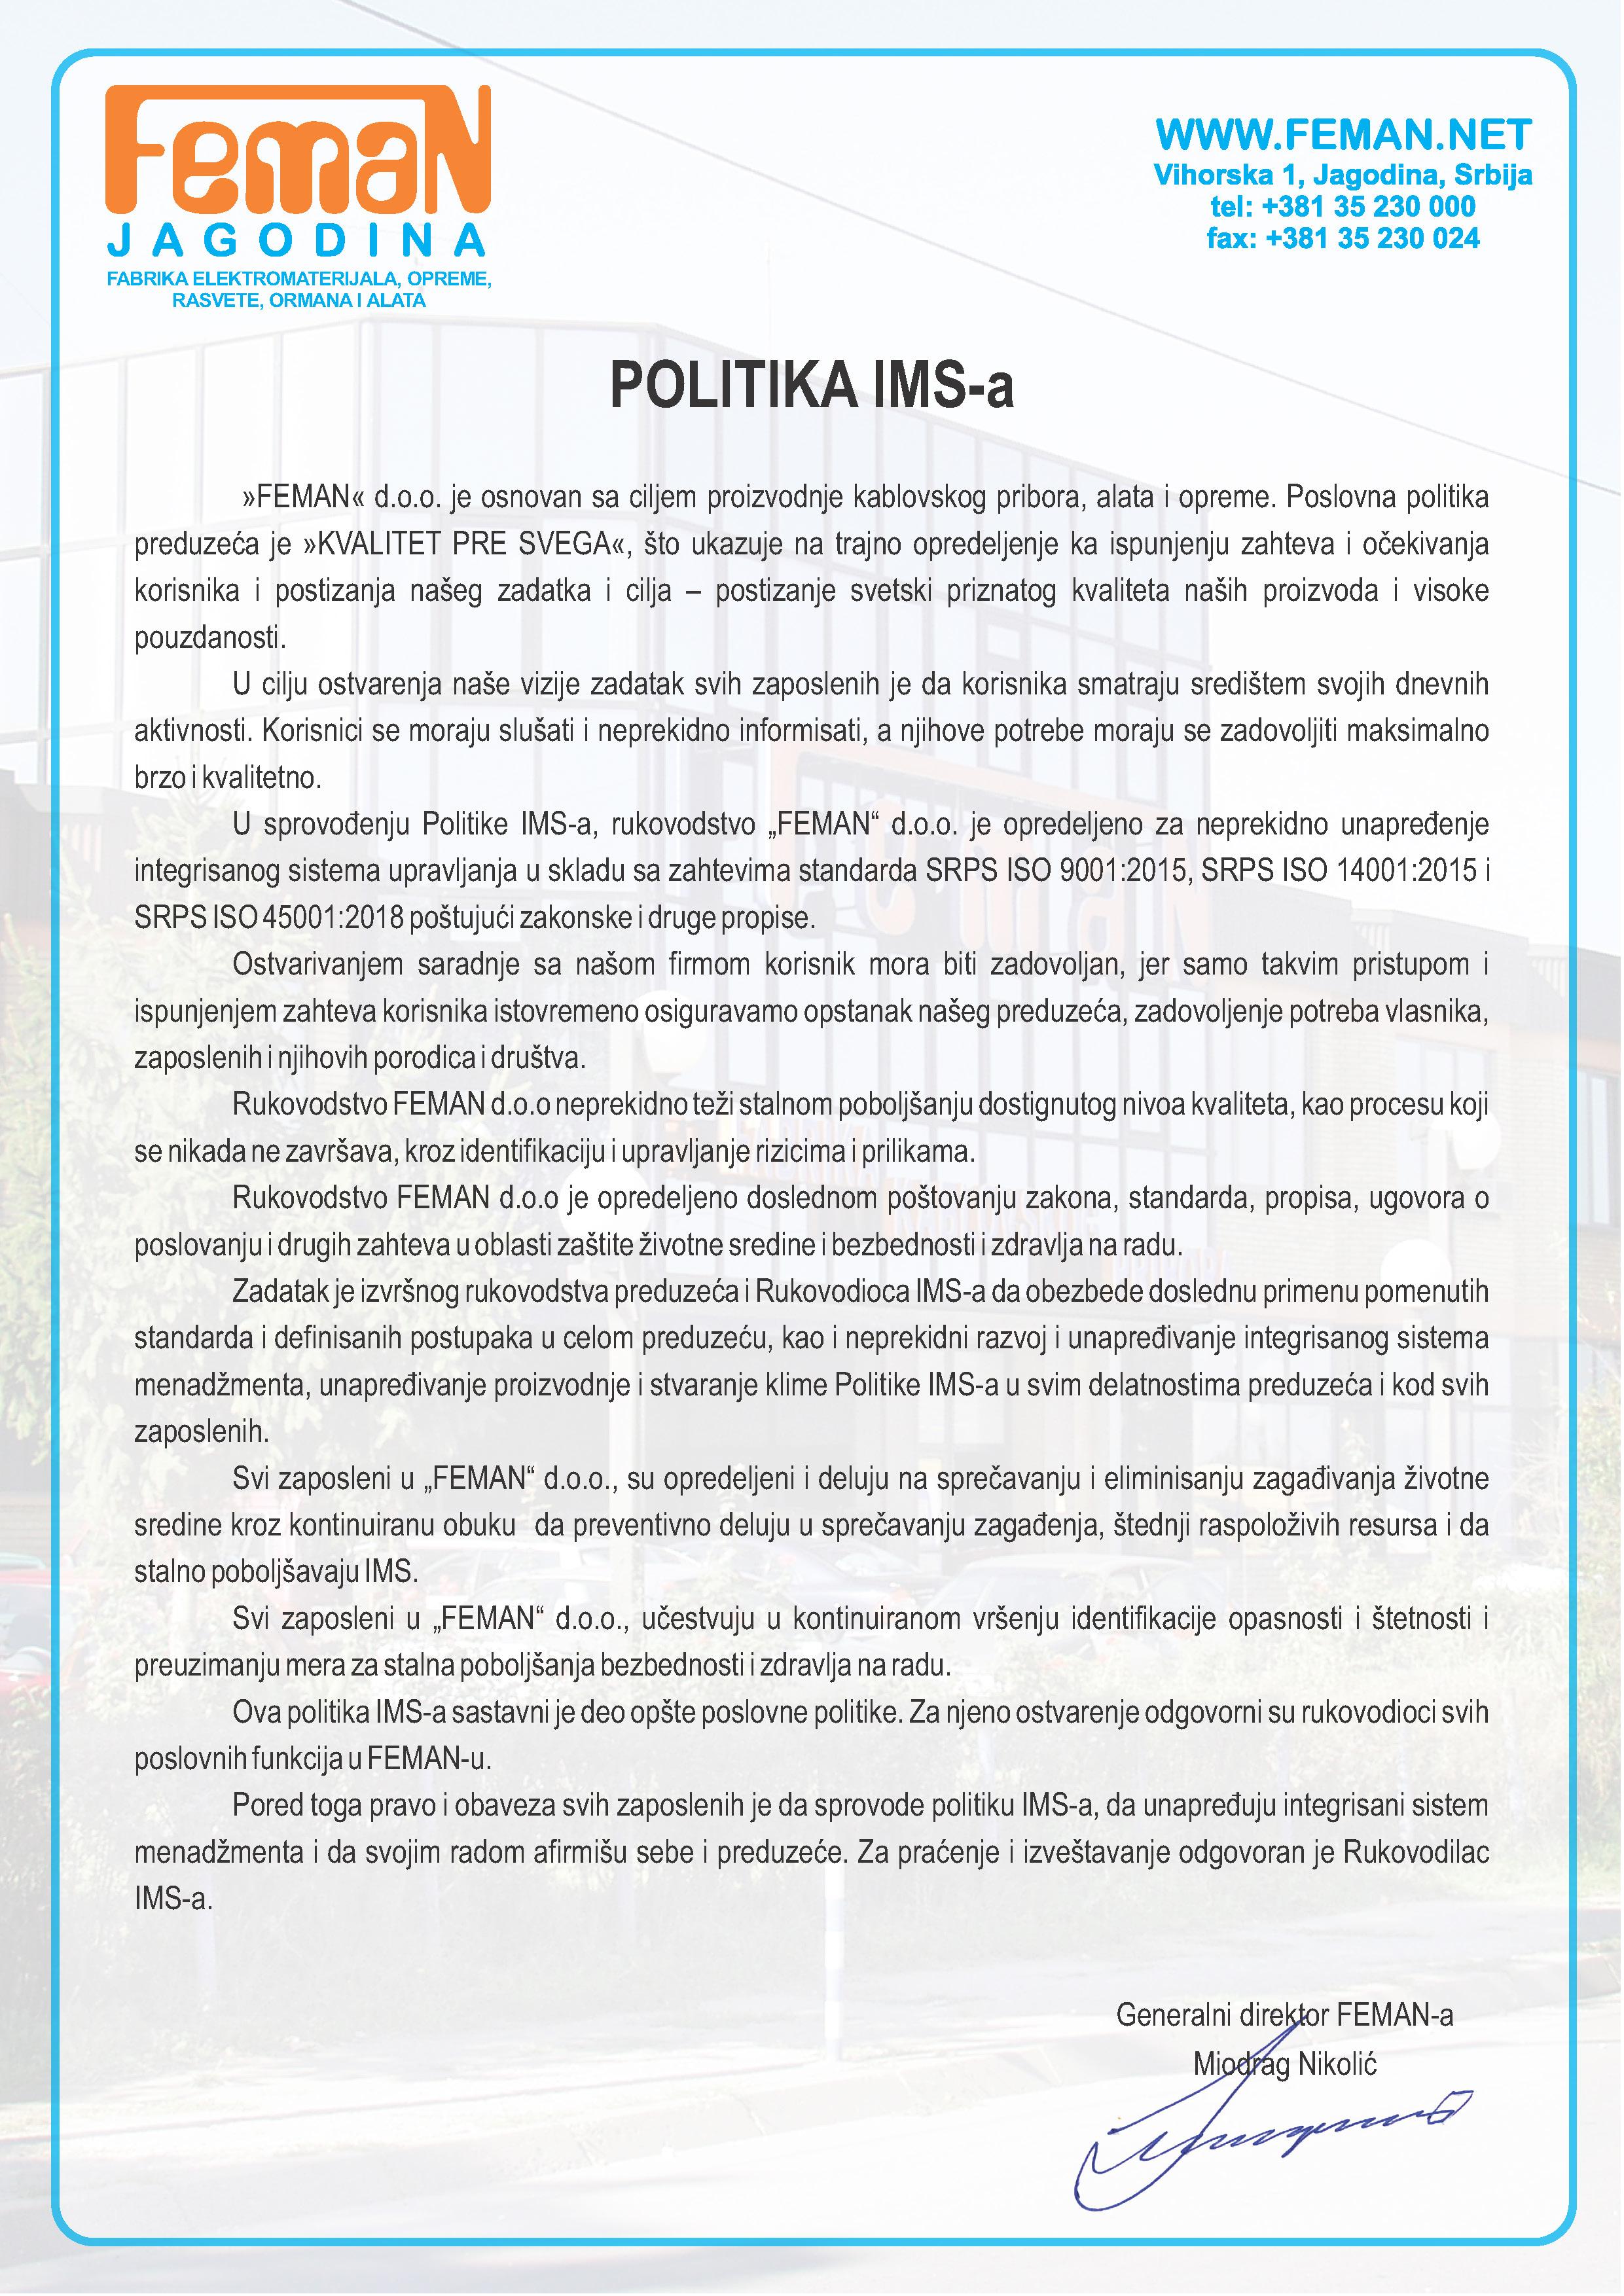 POLITIKA IMS-a 2019